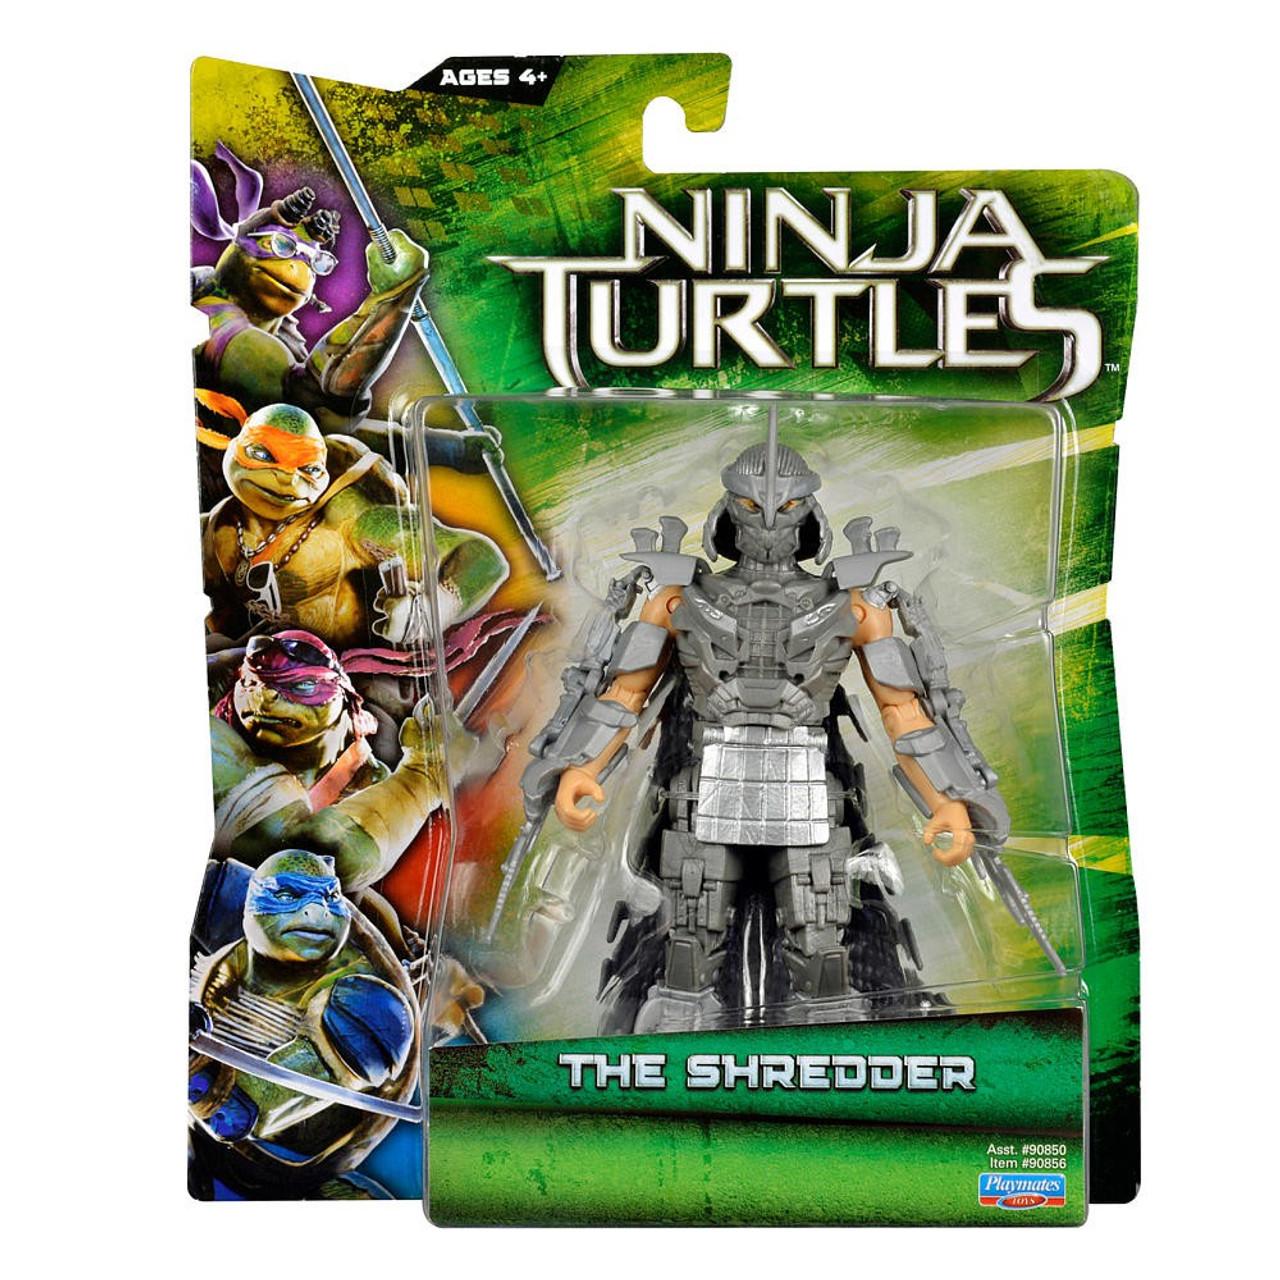 teenage mutant ninja turtles 2014 movie the shredder